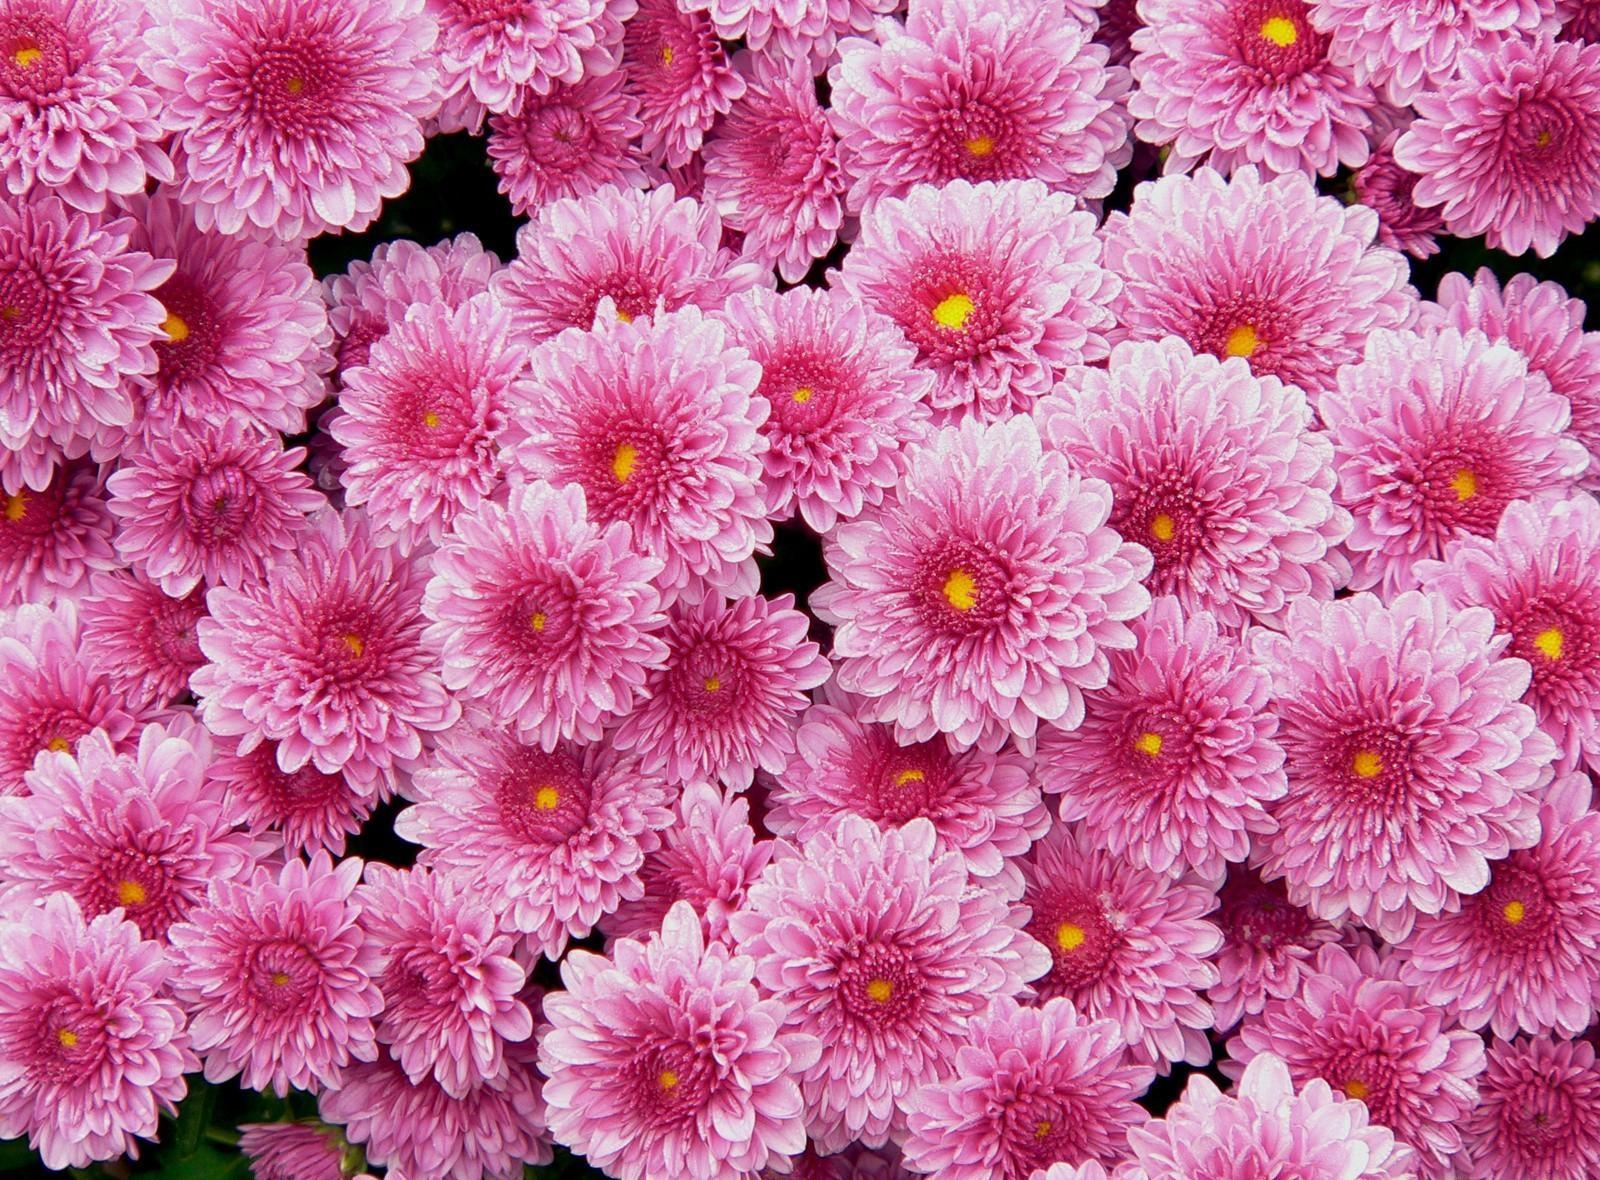 144351 скачать обои Цветы, Розовые, Много, Хризантемы - заставки и картинки бесплатно